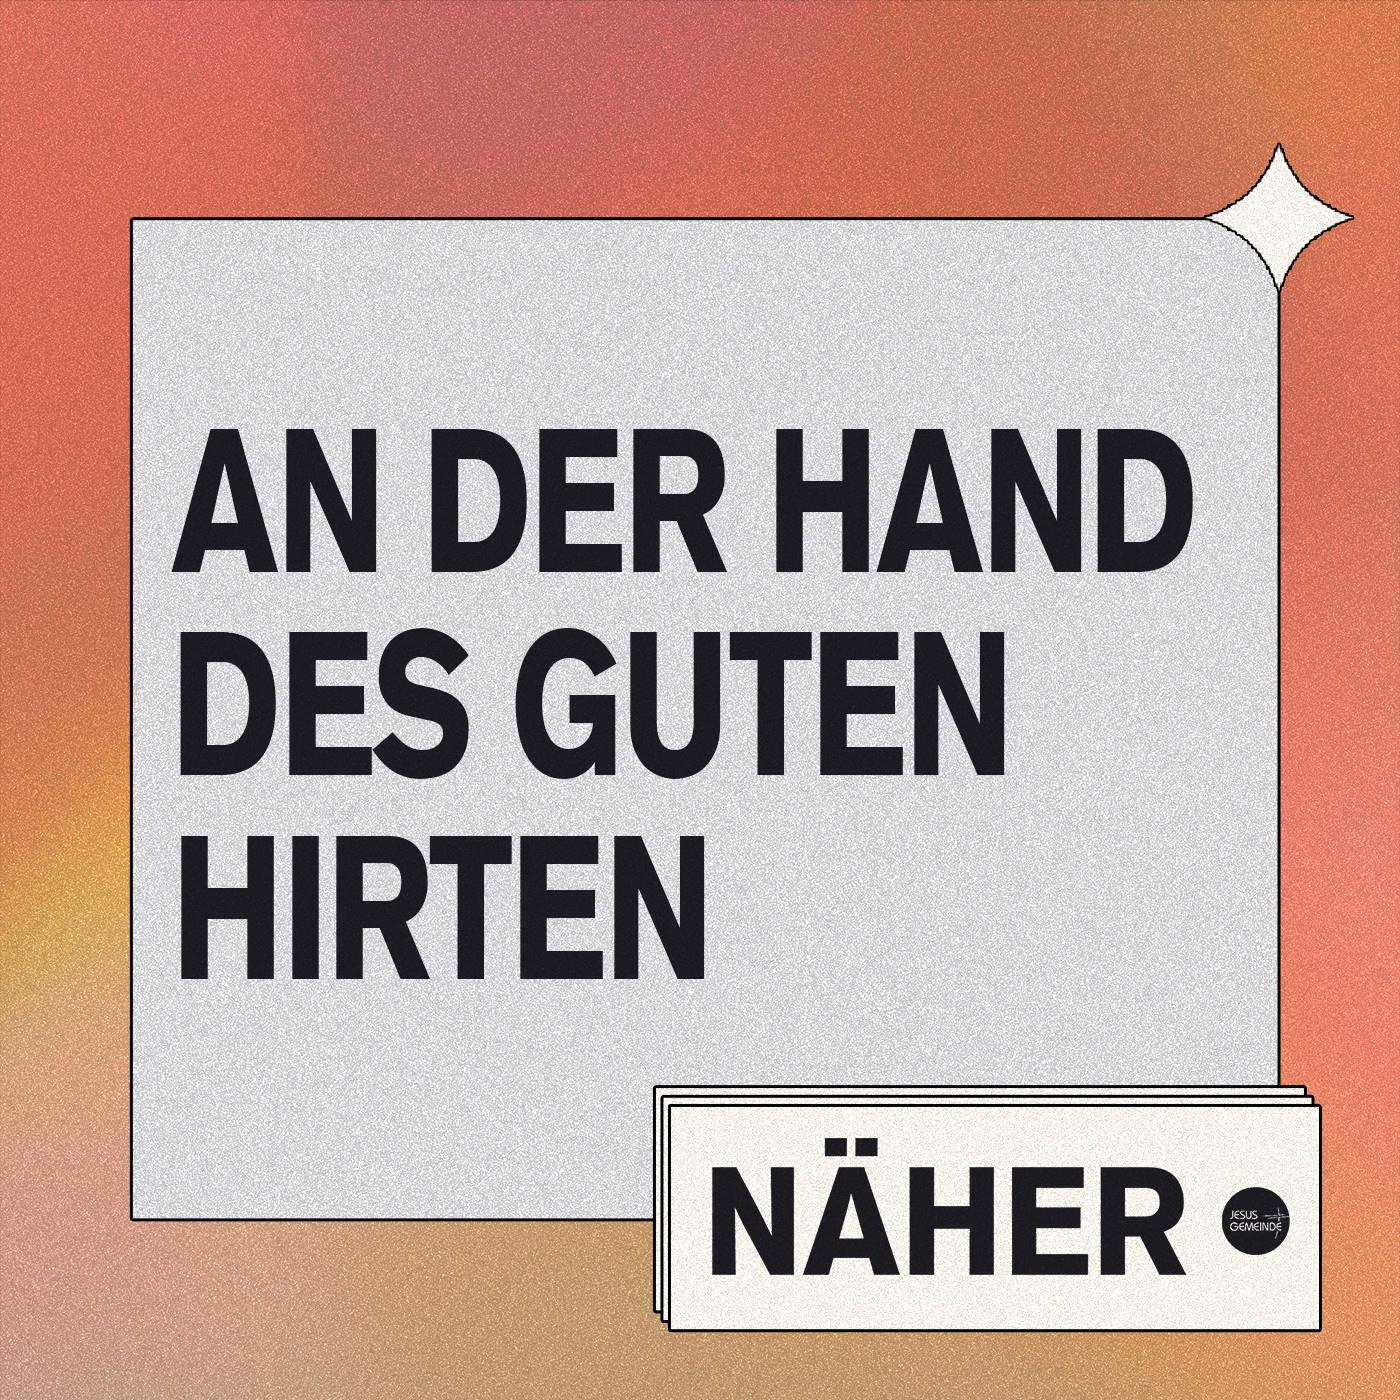 Näher - An der Hand des guten Hirten [video]